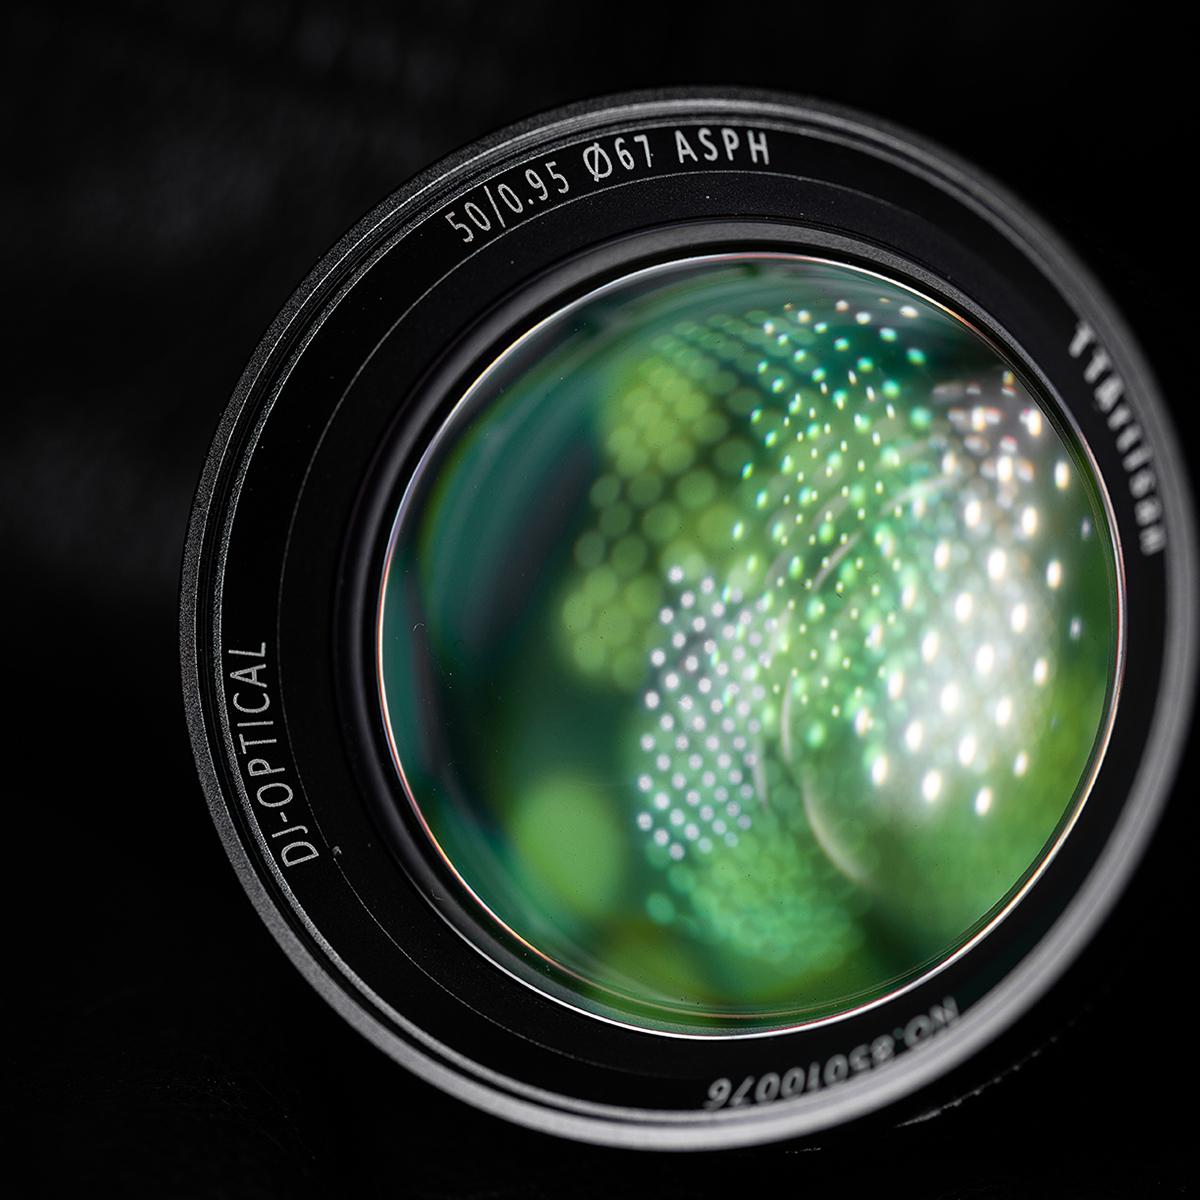 銘匠光学 TTArtisan 50mm f/0.95 ASPH 単焦点レンズ ライカMマウント